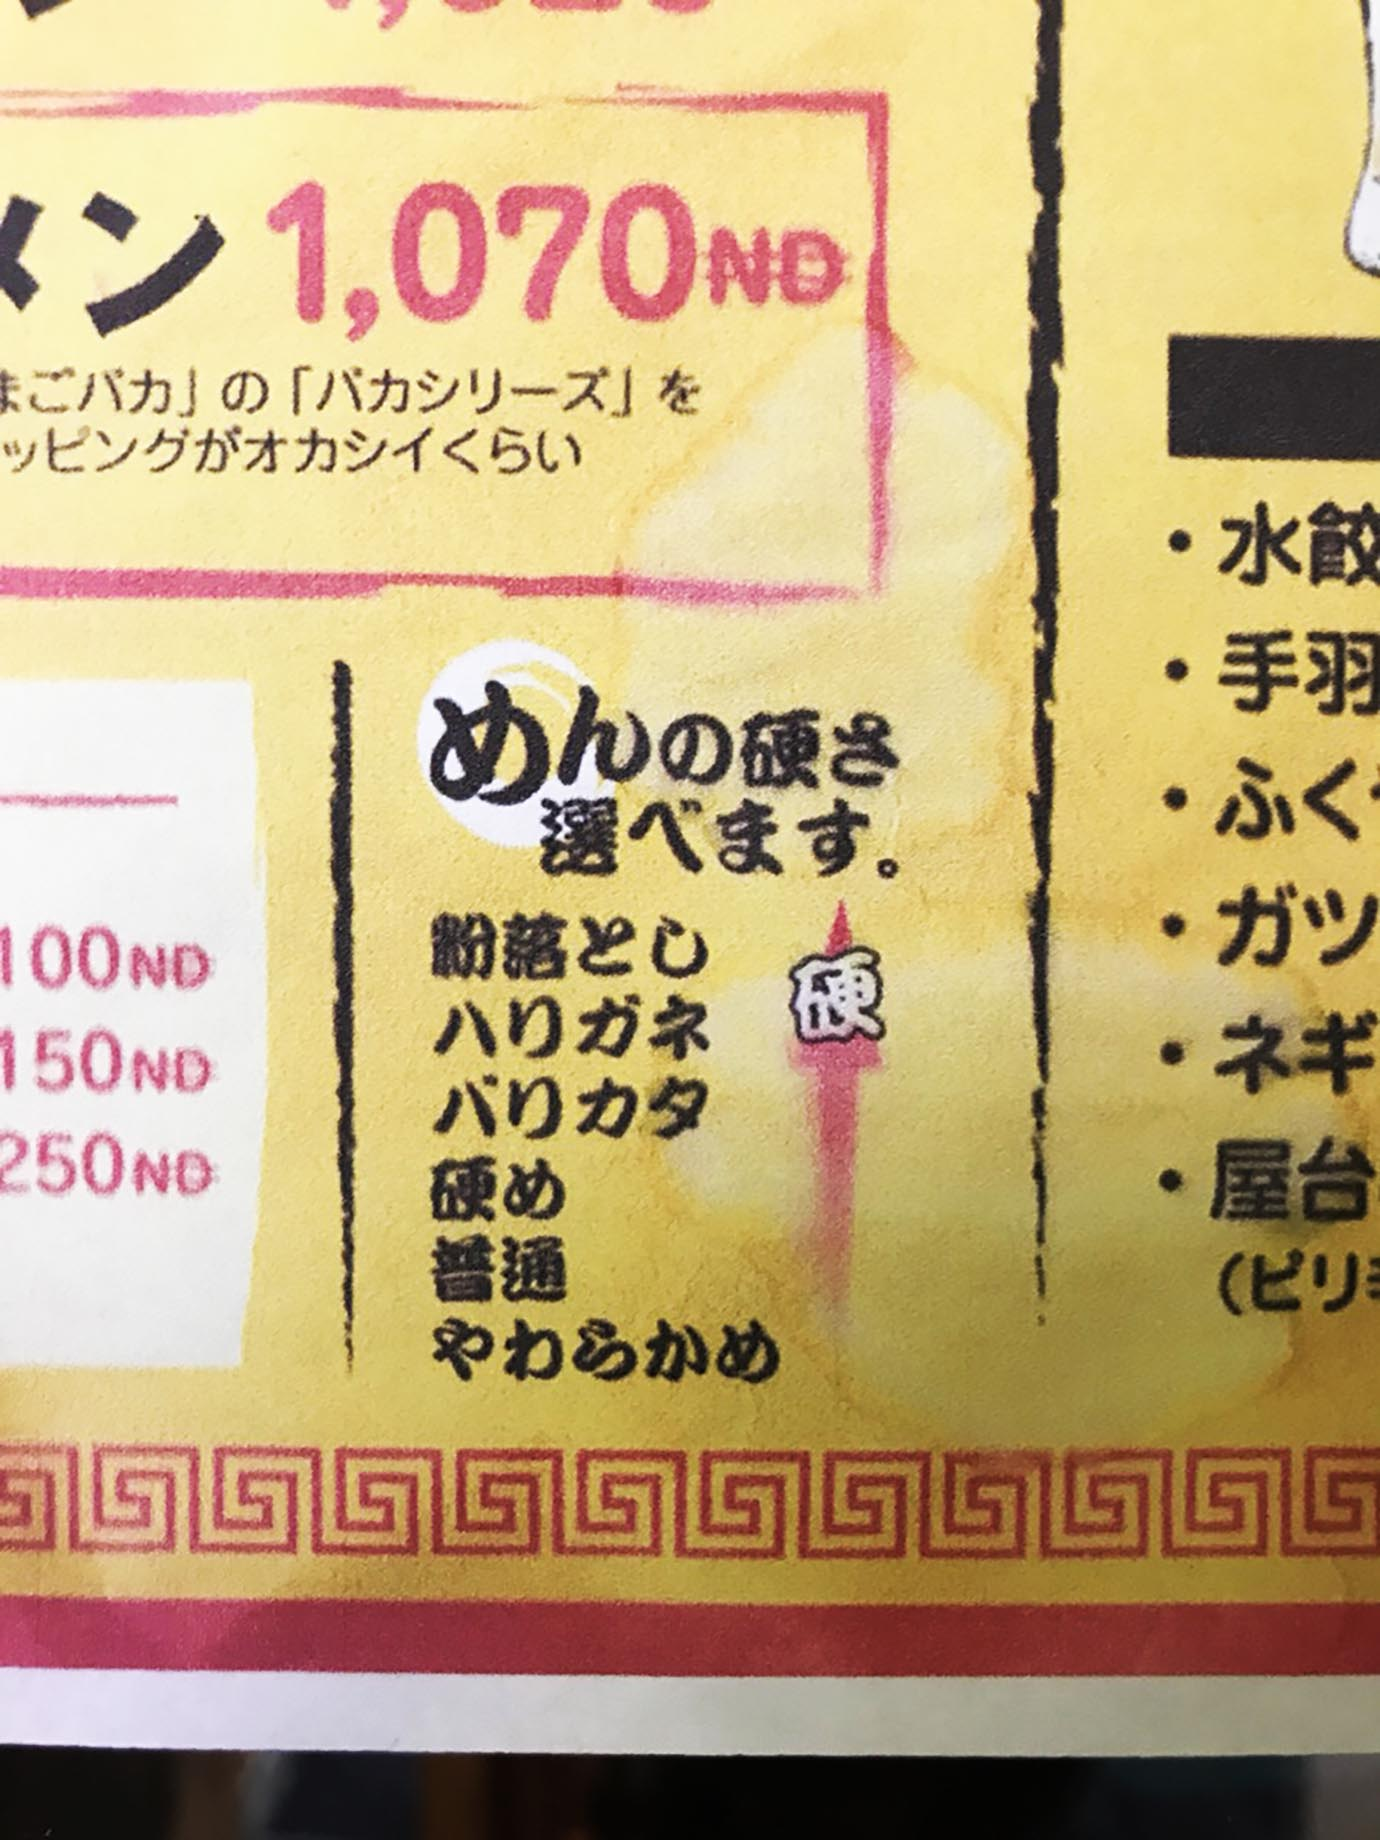 nanden-kanden-fukkatsu10